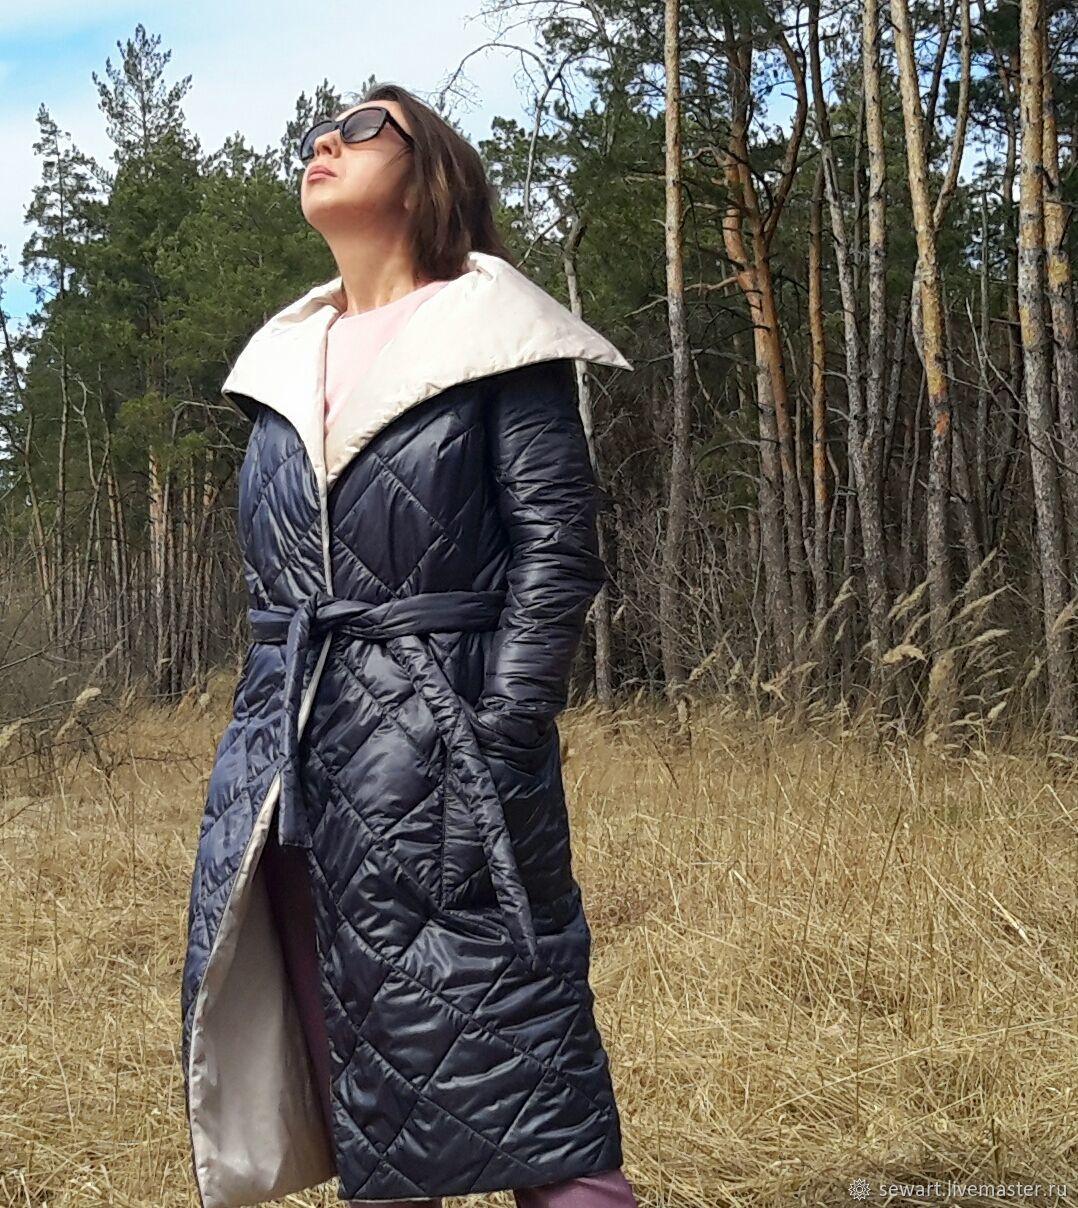 Купить стеганную ткань для пальто что за материал полиамид в нижнем белье